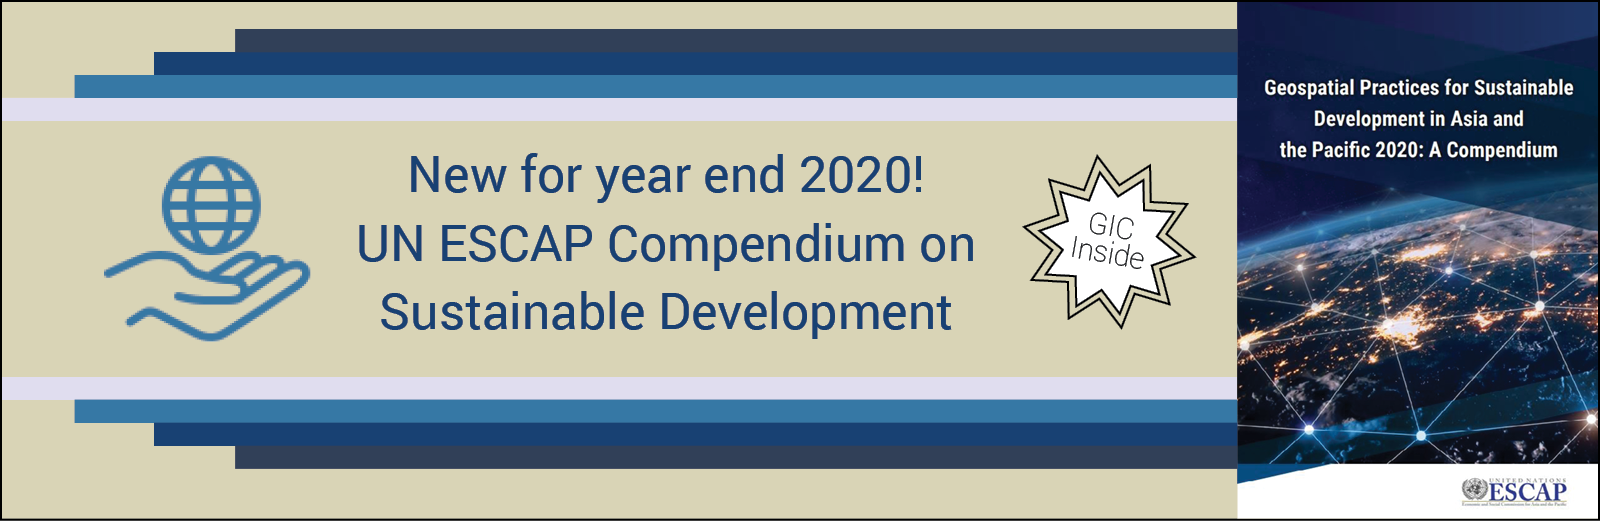 New UN ESCAP Sustainability Compendium